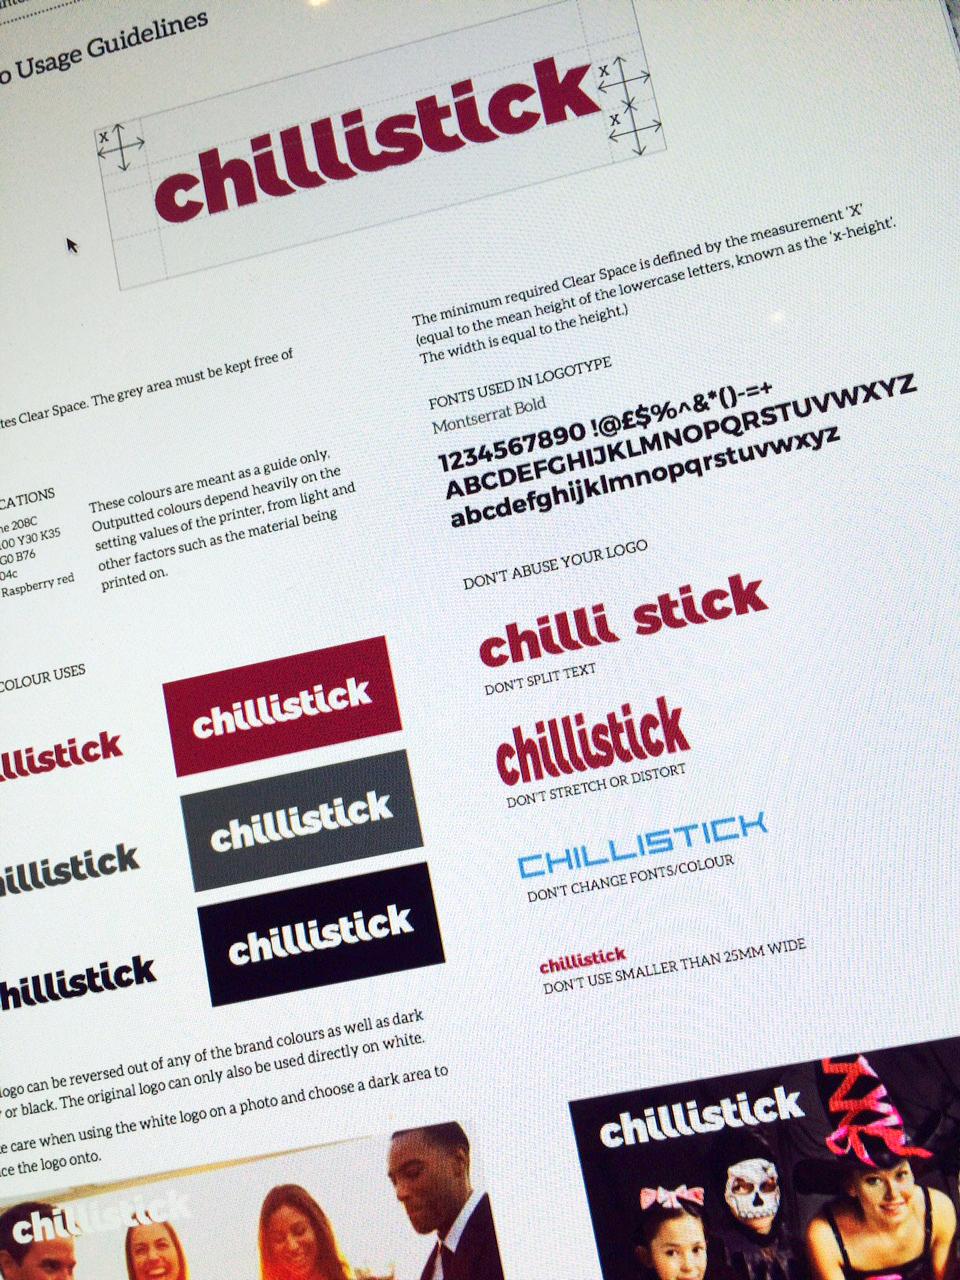 chillistick-logo_guide